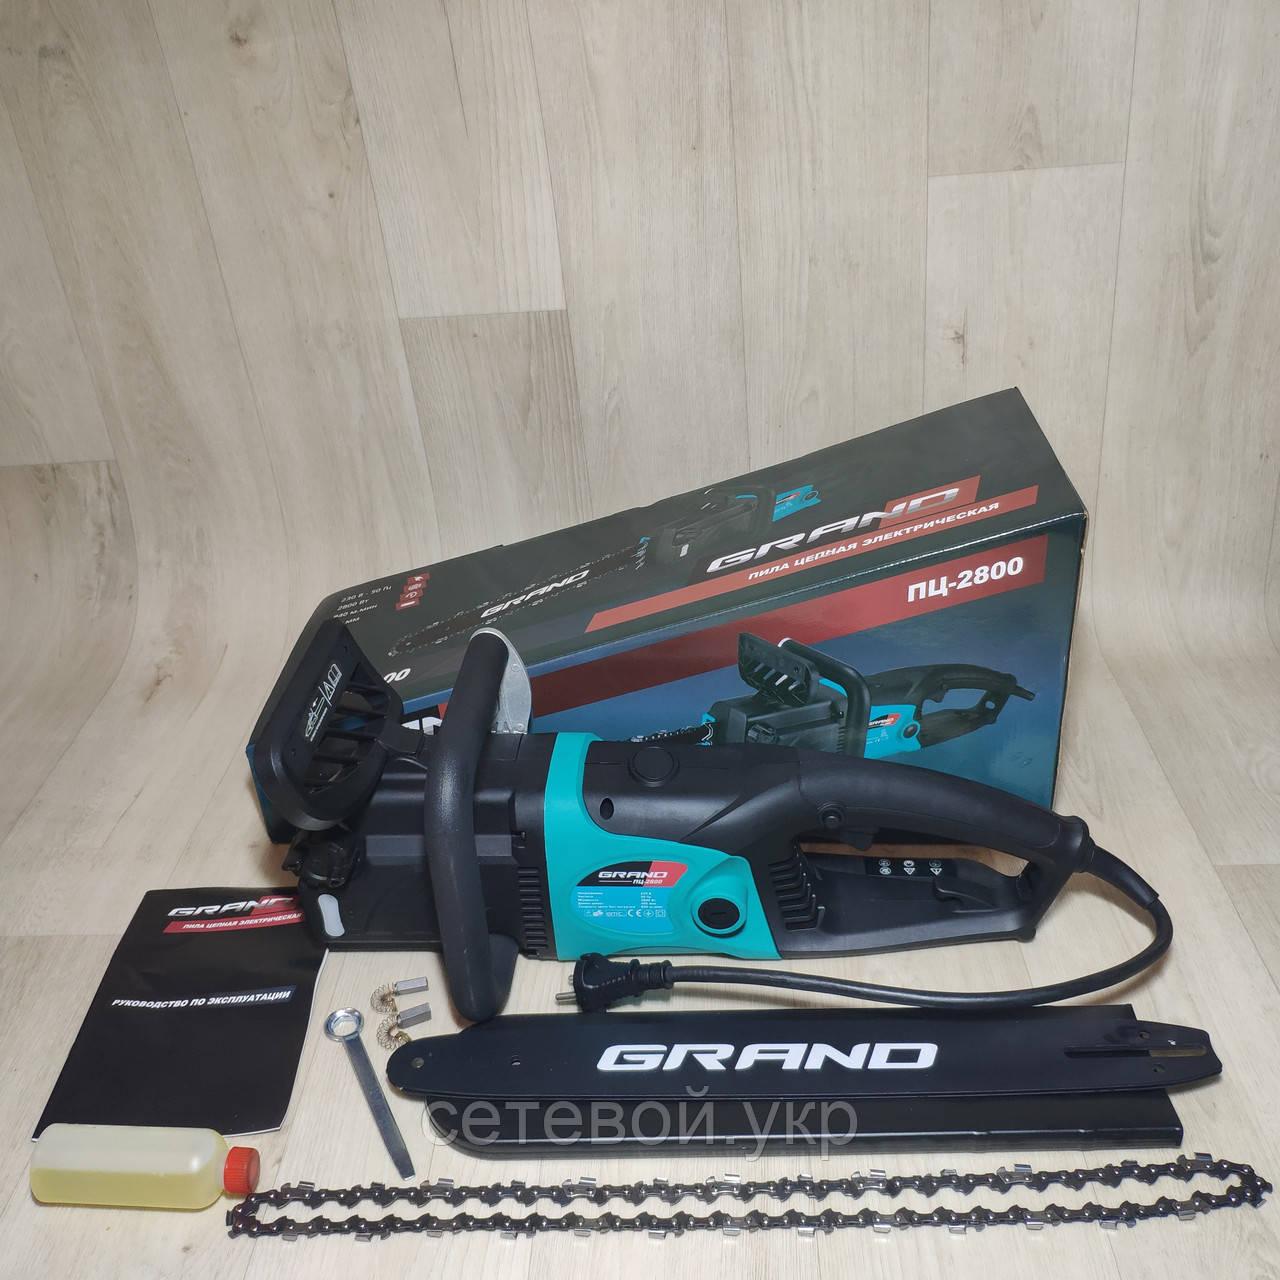 Електропила GRAND ПЦ-2800 прямій двигун